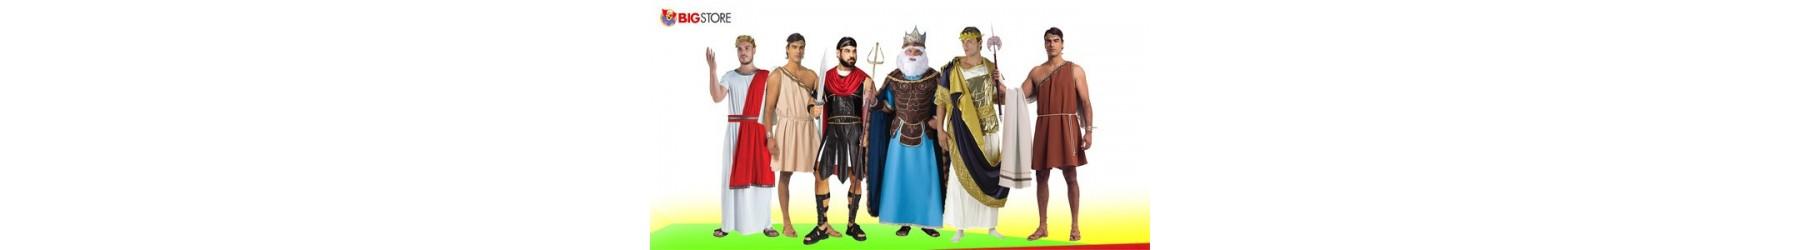 Αποκριάτικες στολές Αρχαία Ελλάδα για Άνδρες σε όλα τα σχέδια